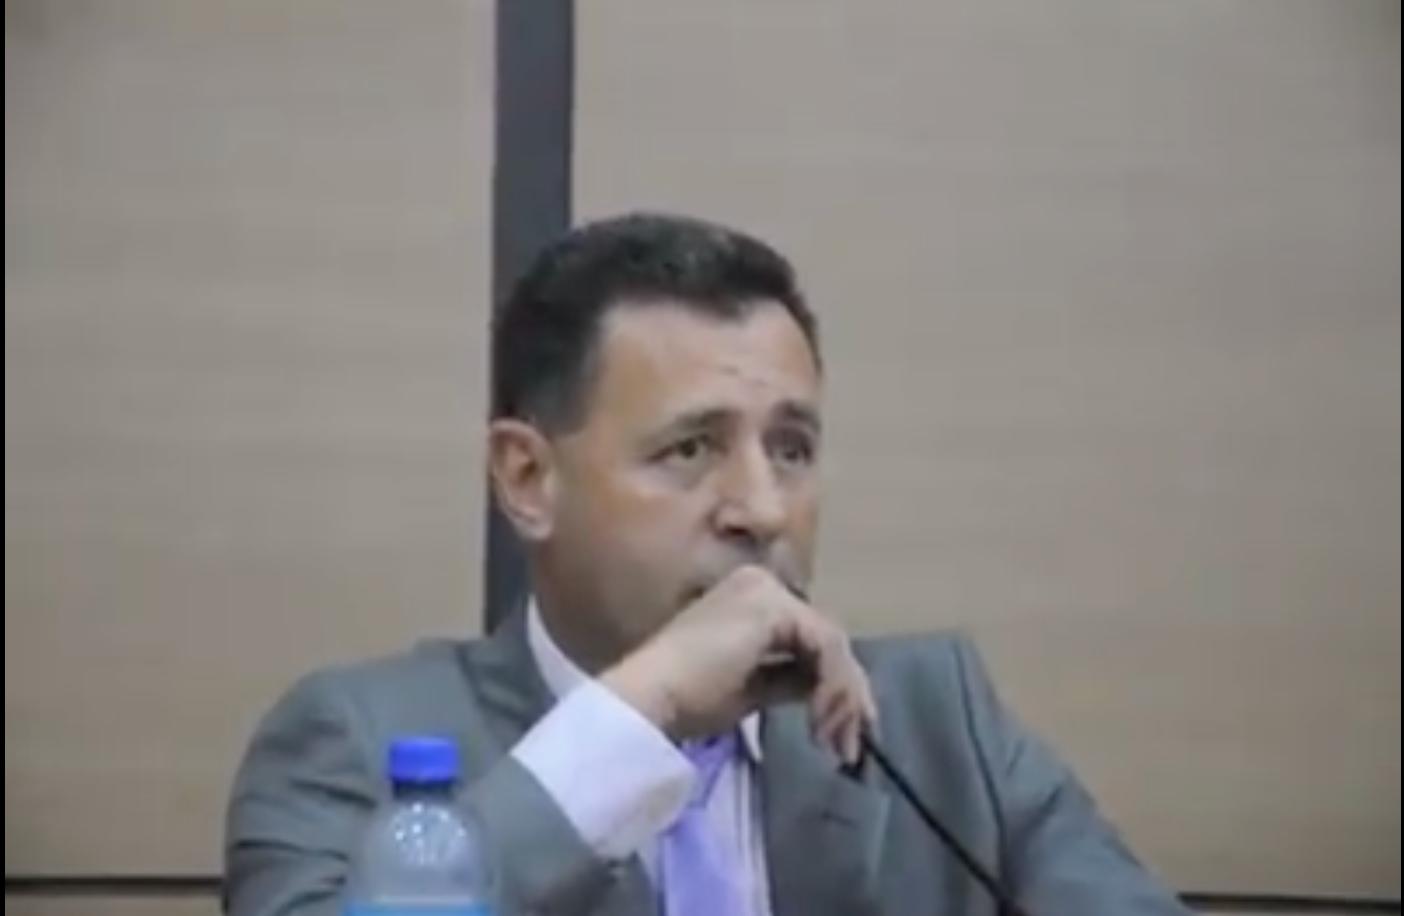 Vereador Quito, de Santa Cruz de Minas, é alvo do MPMG. Foto: reprodução de vídeo em audiência pública na Câmara Municipal de Santa Cruz de Minas